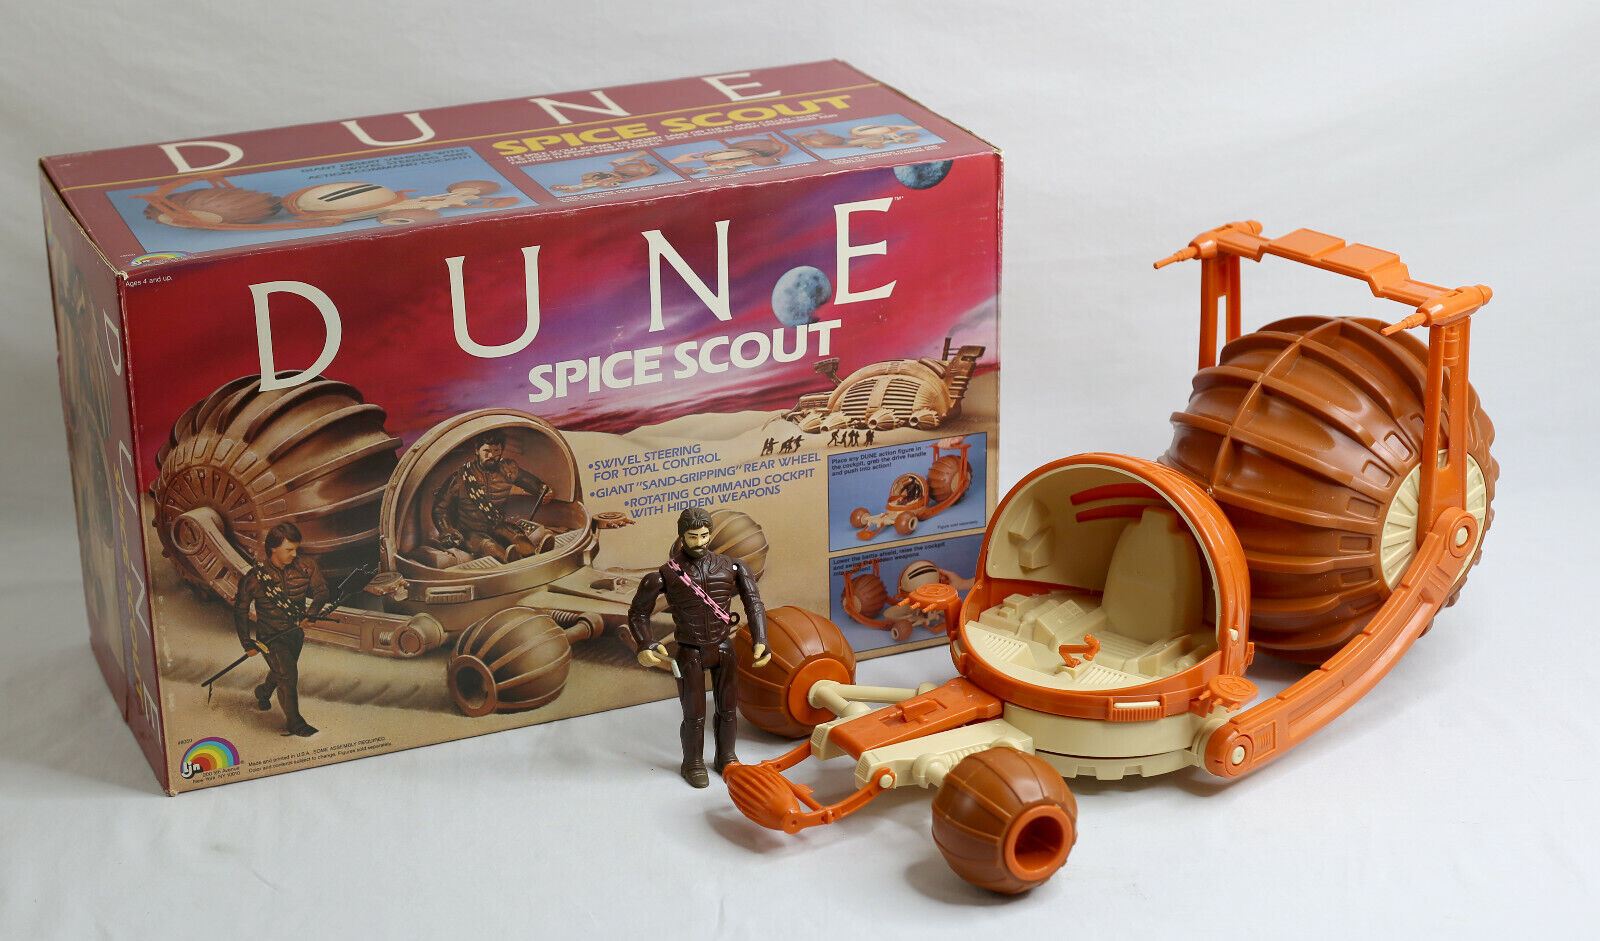 Duna 1984 LJN Spice Scout vehículo sin usar, en Caja 100% Completo Casi Como Nuevo De Colección